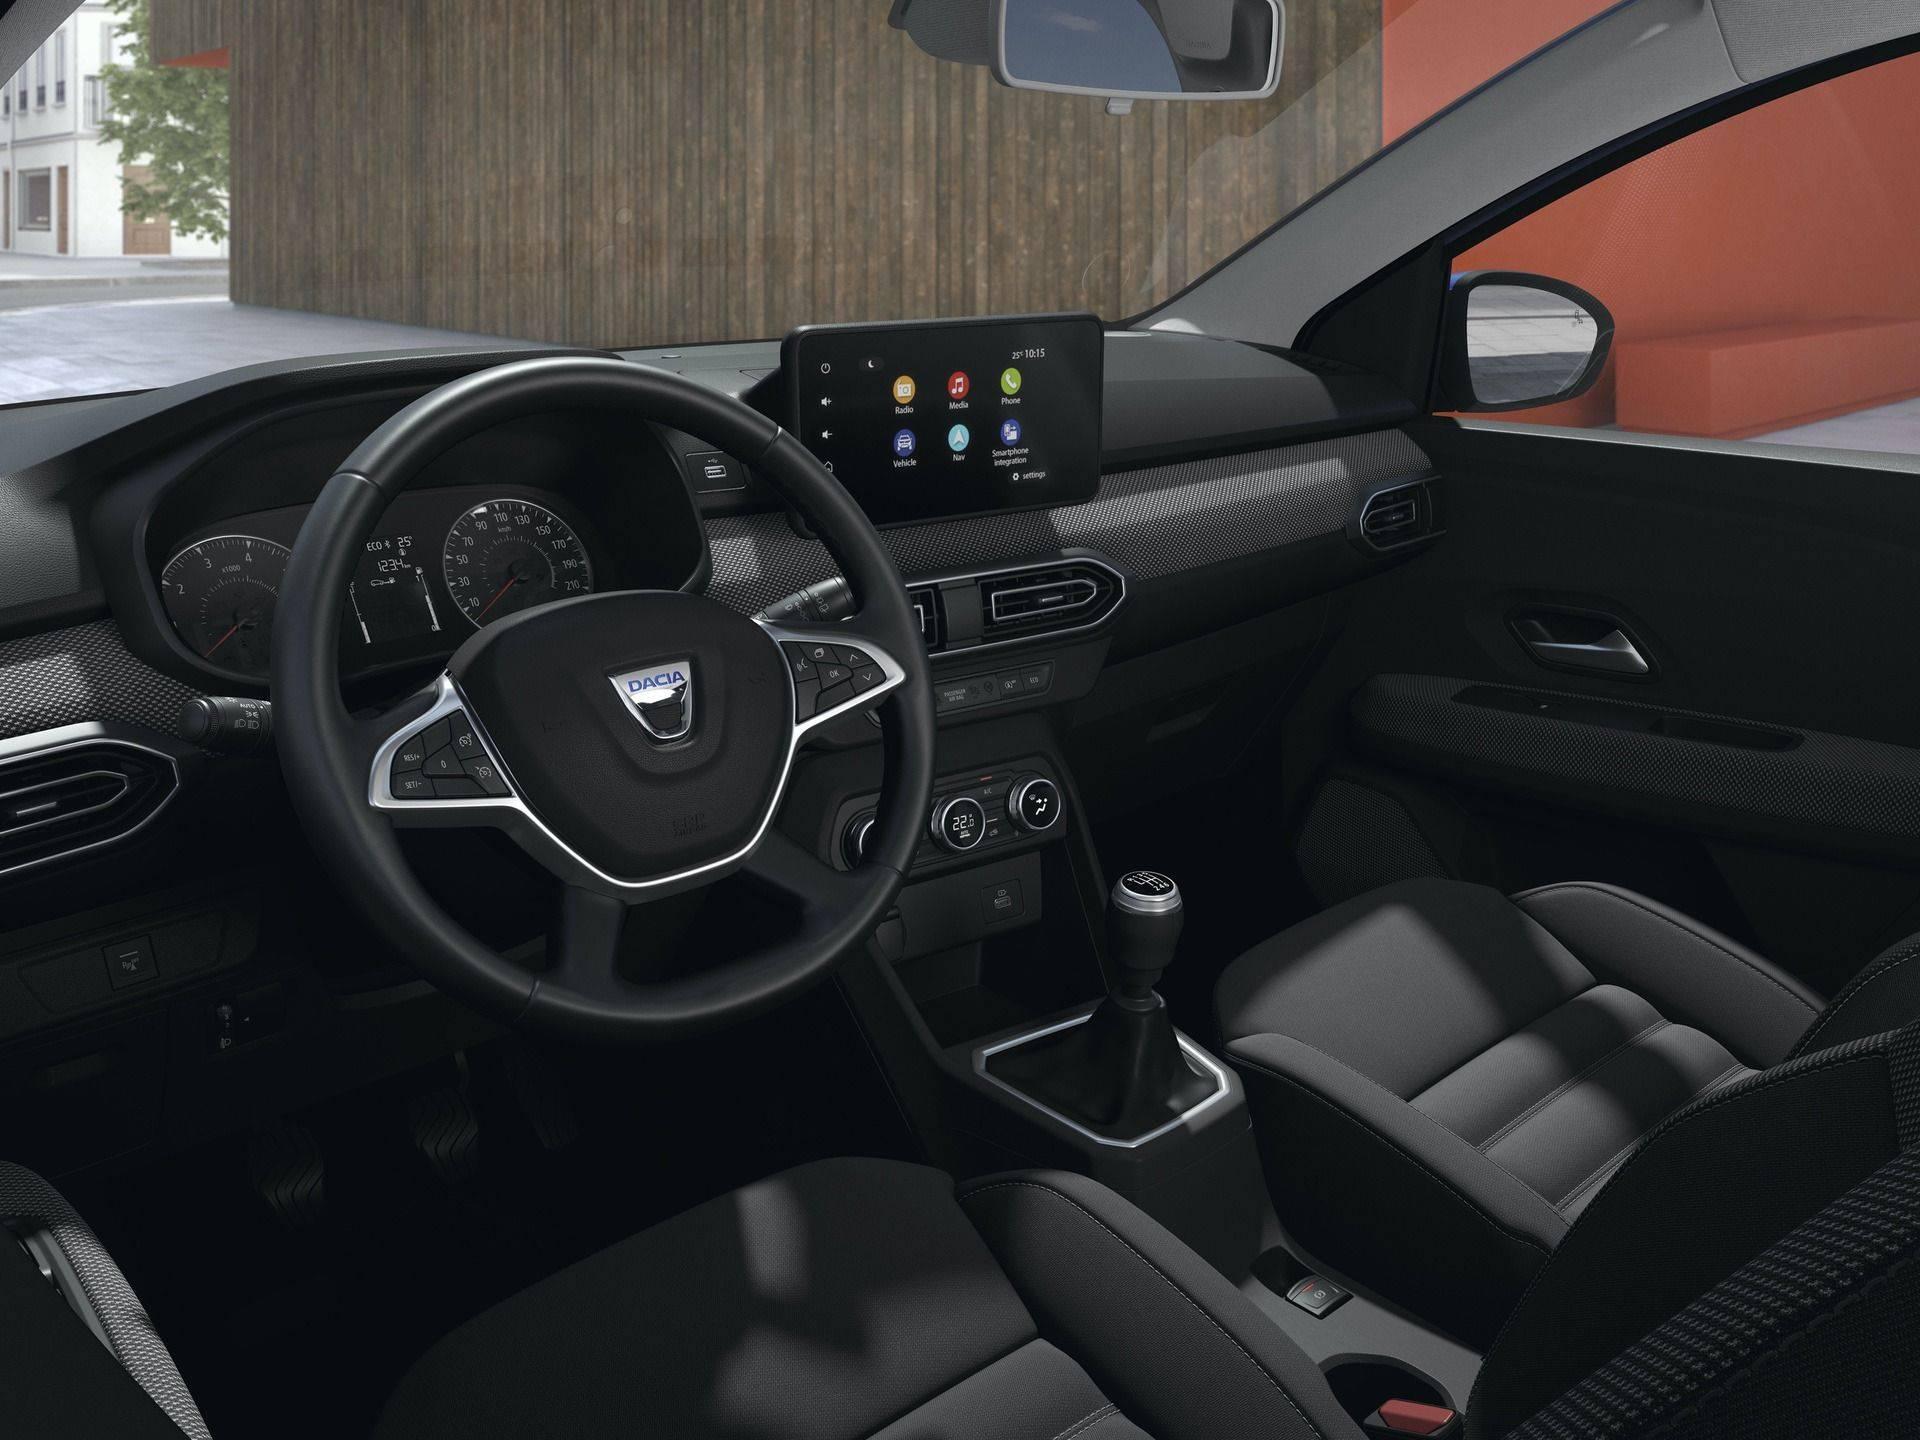 2020_Dacia_Sandero_0020